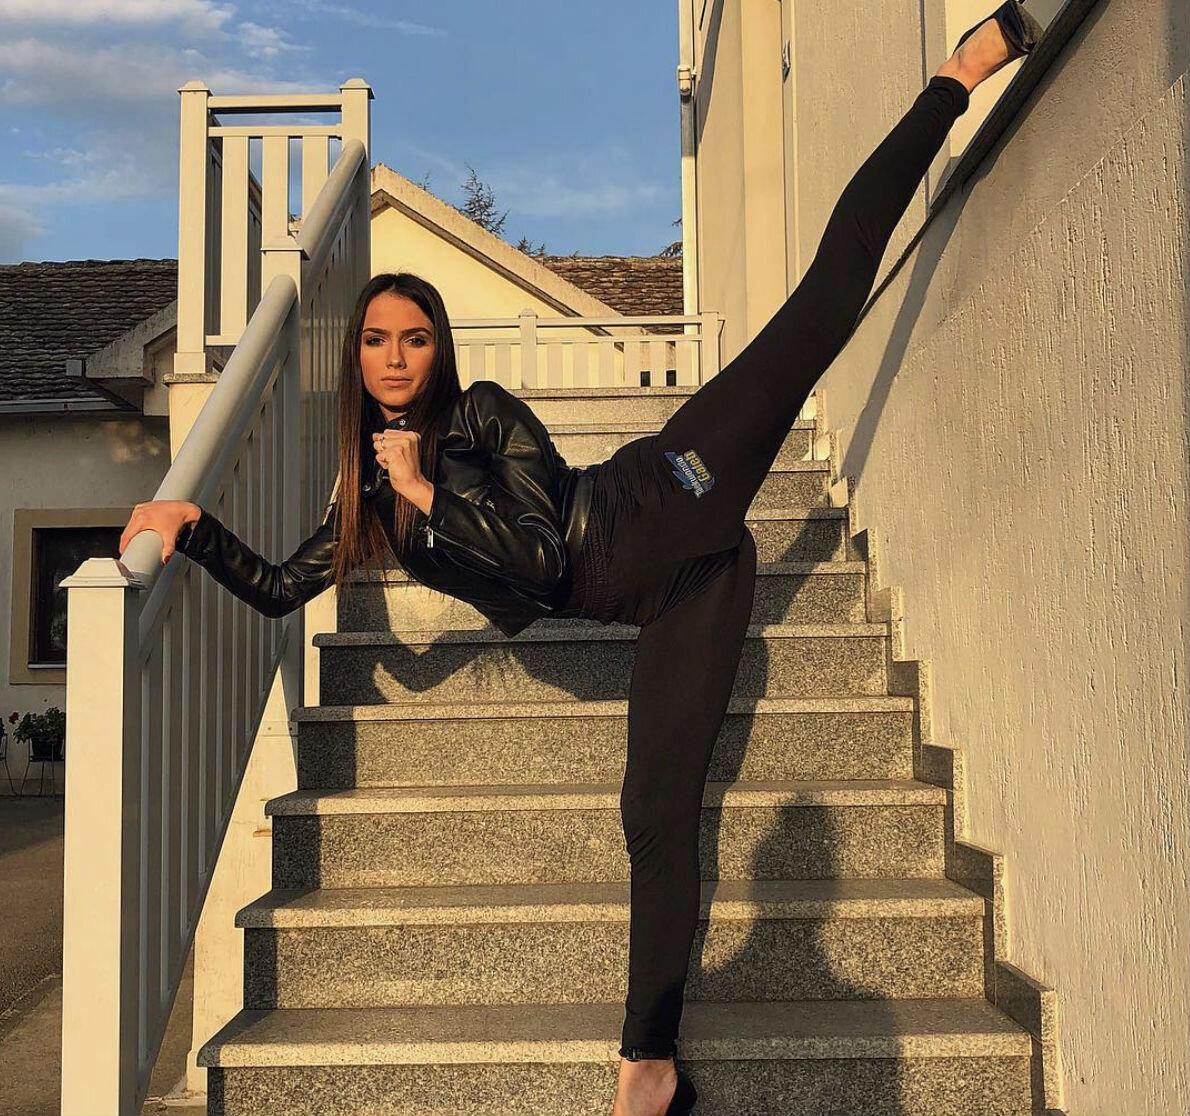 Каратистка из Сербии сначала стала звездой телевидения, а теперь решила покорить Голливуд Культура